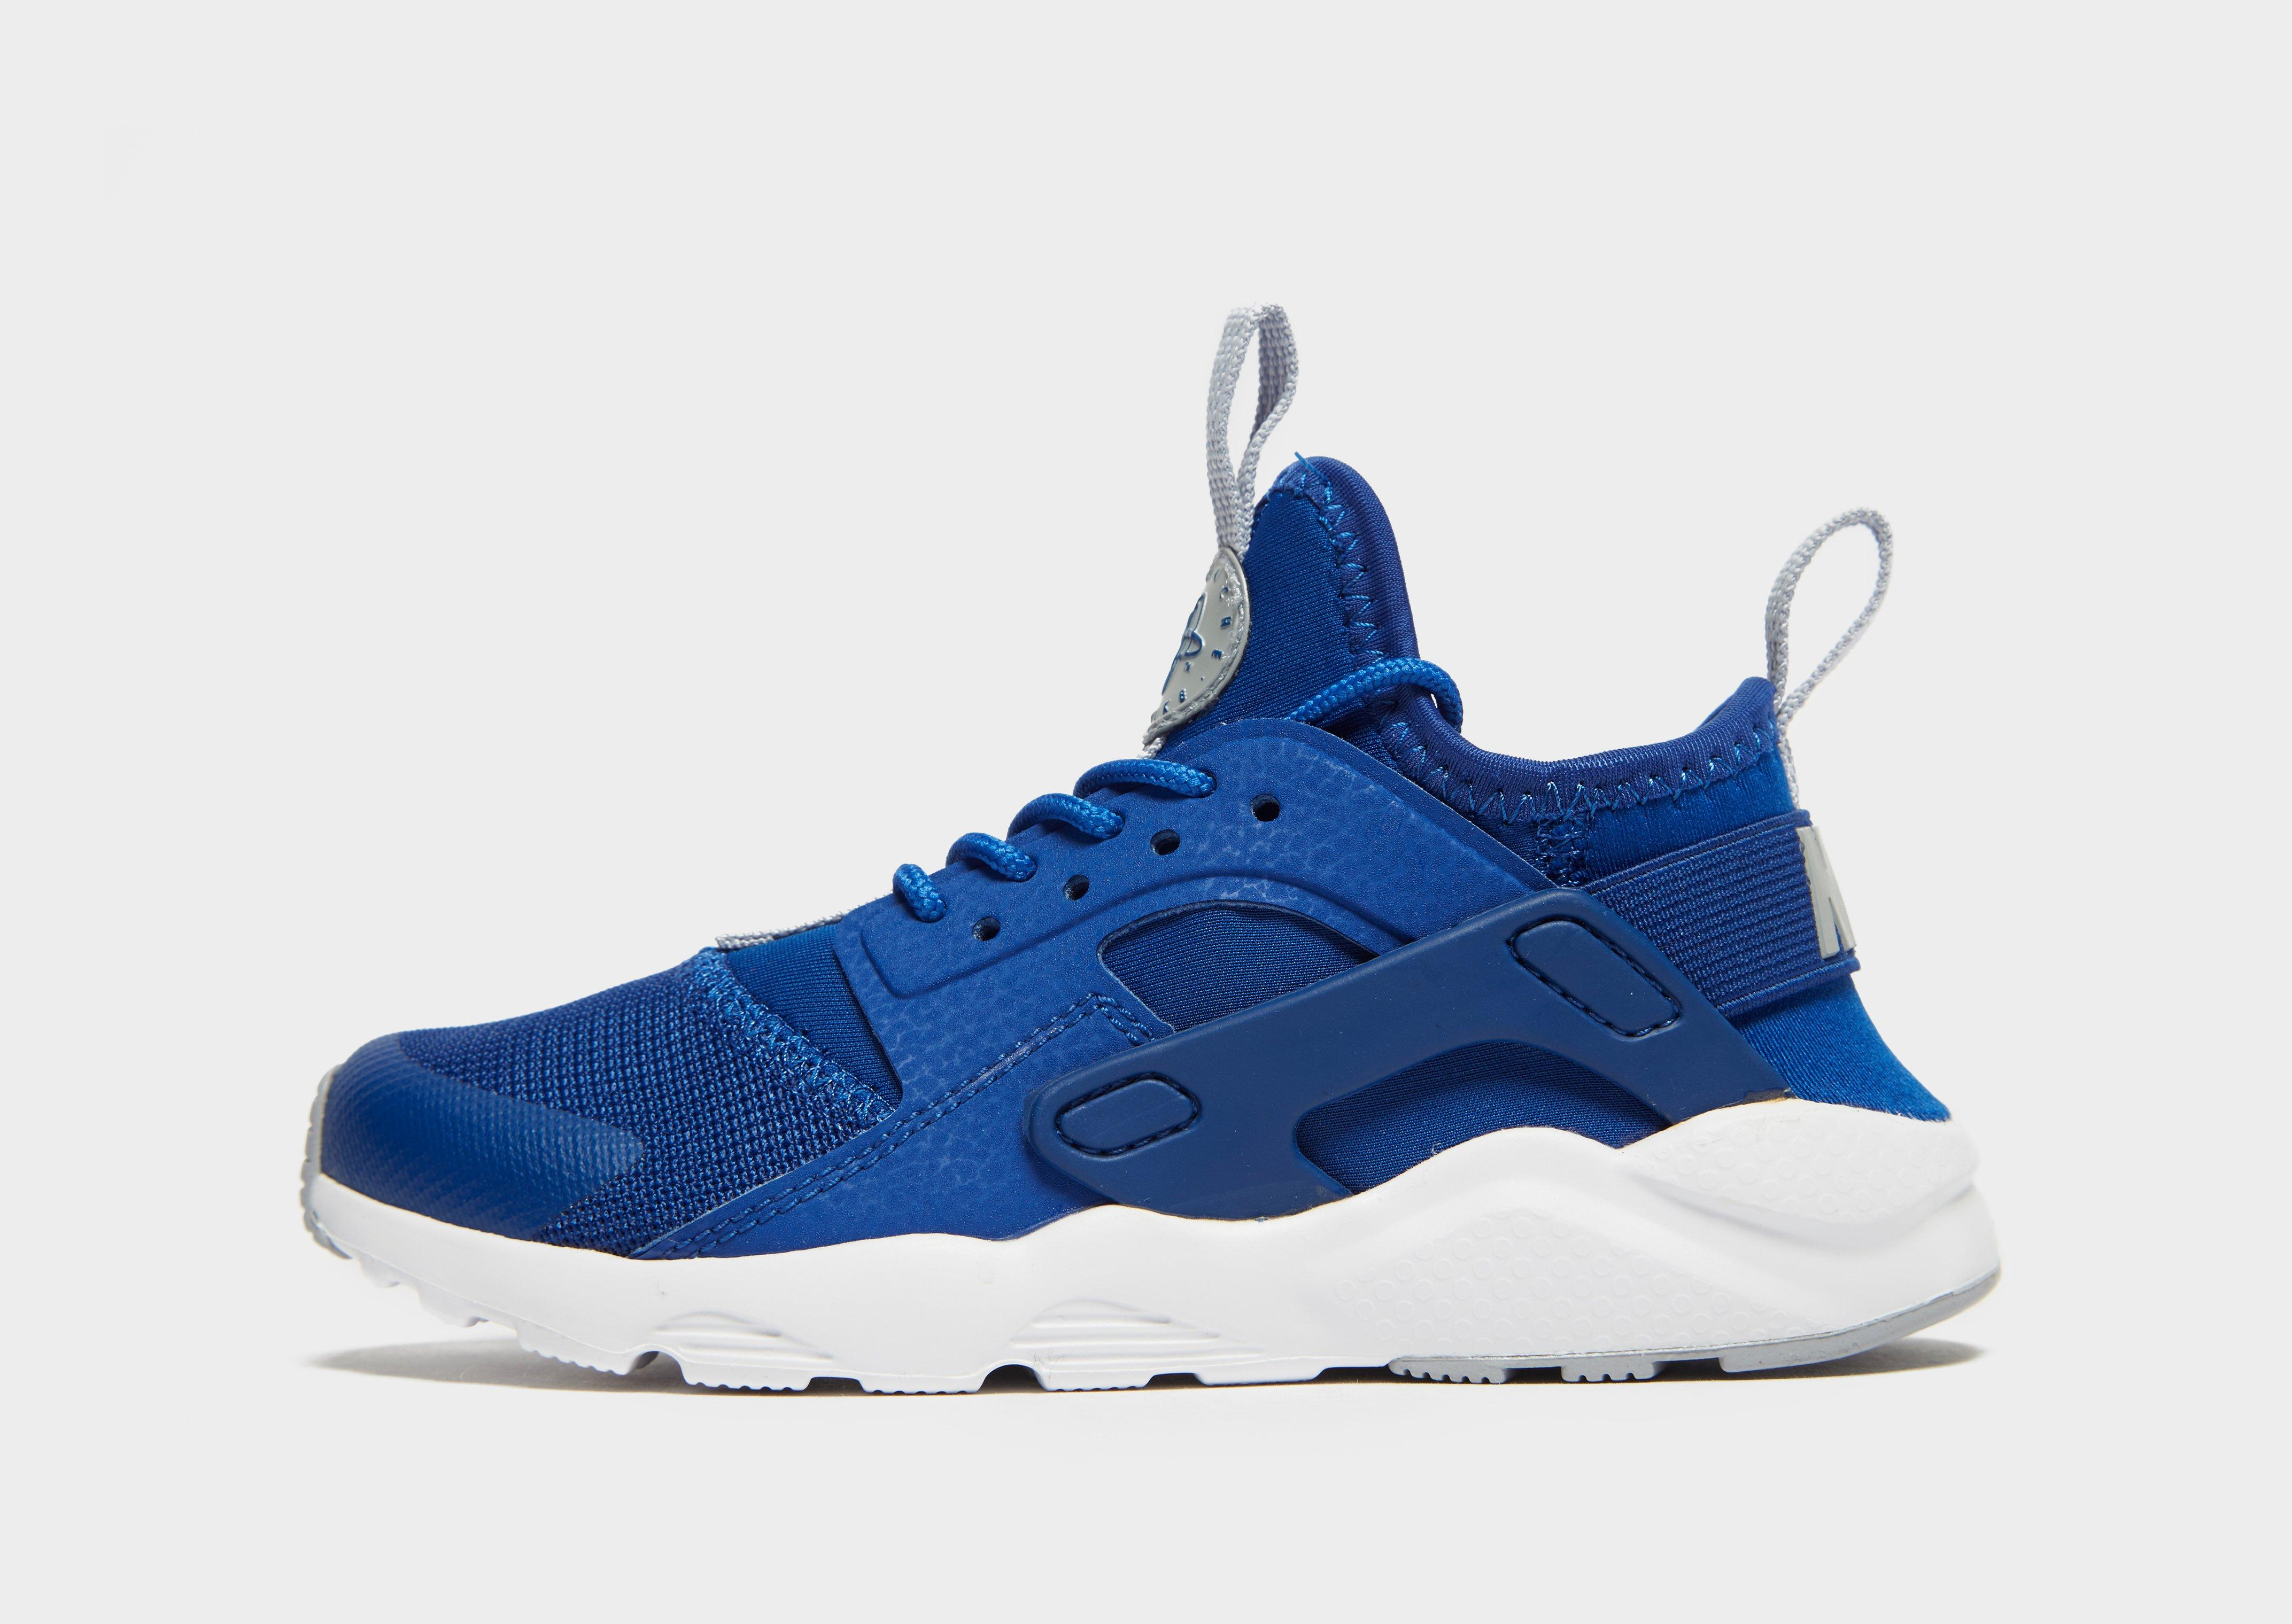 Nike Air Huarache Metallic Blue 634835 405 Sneaker Bar Detroit